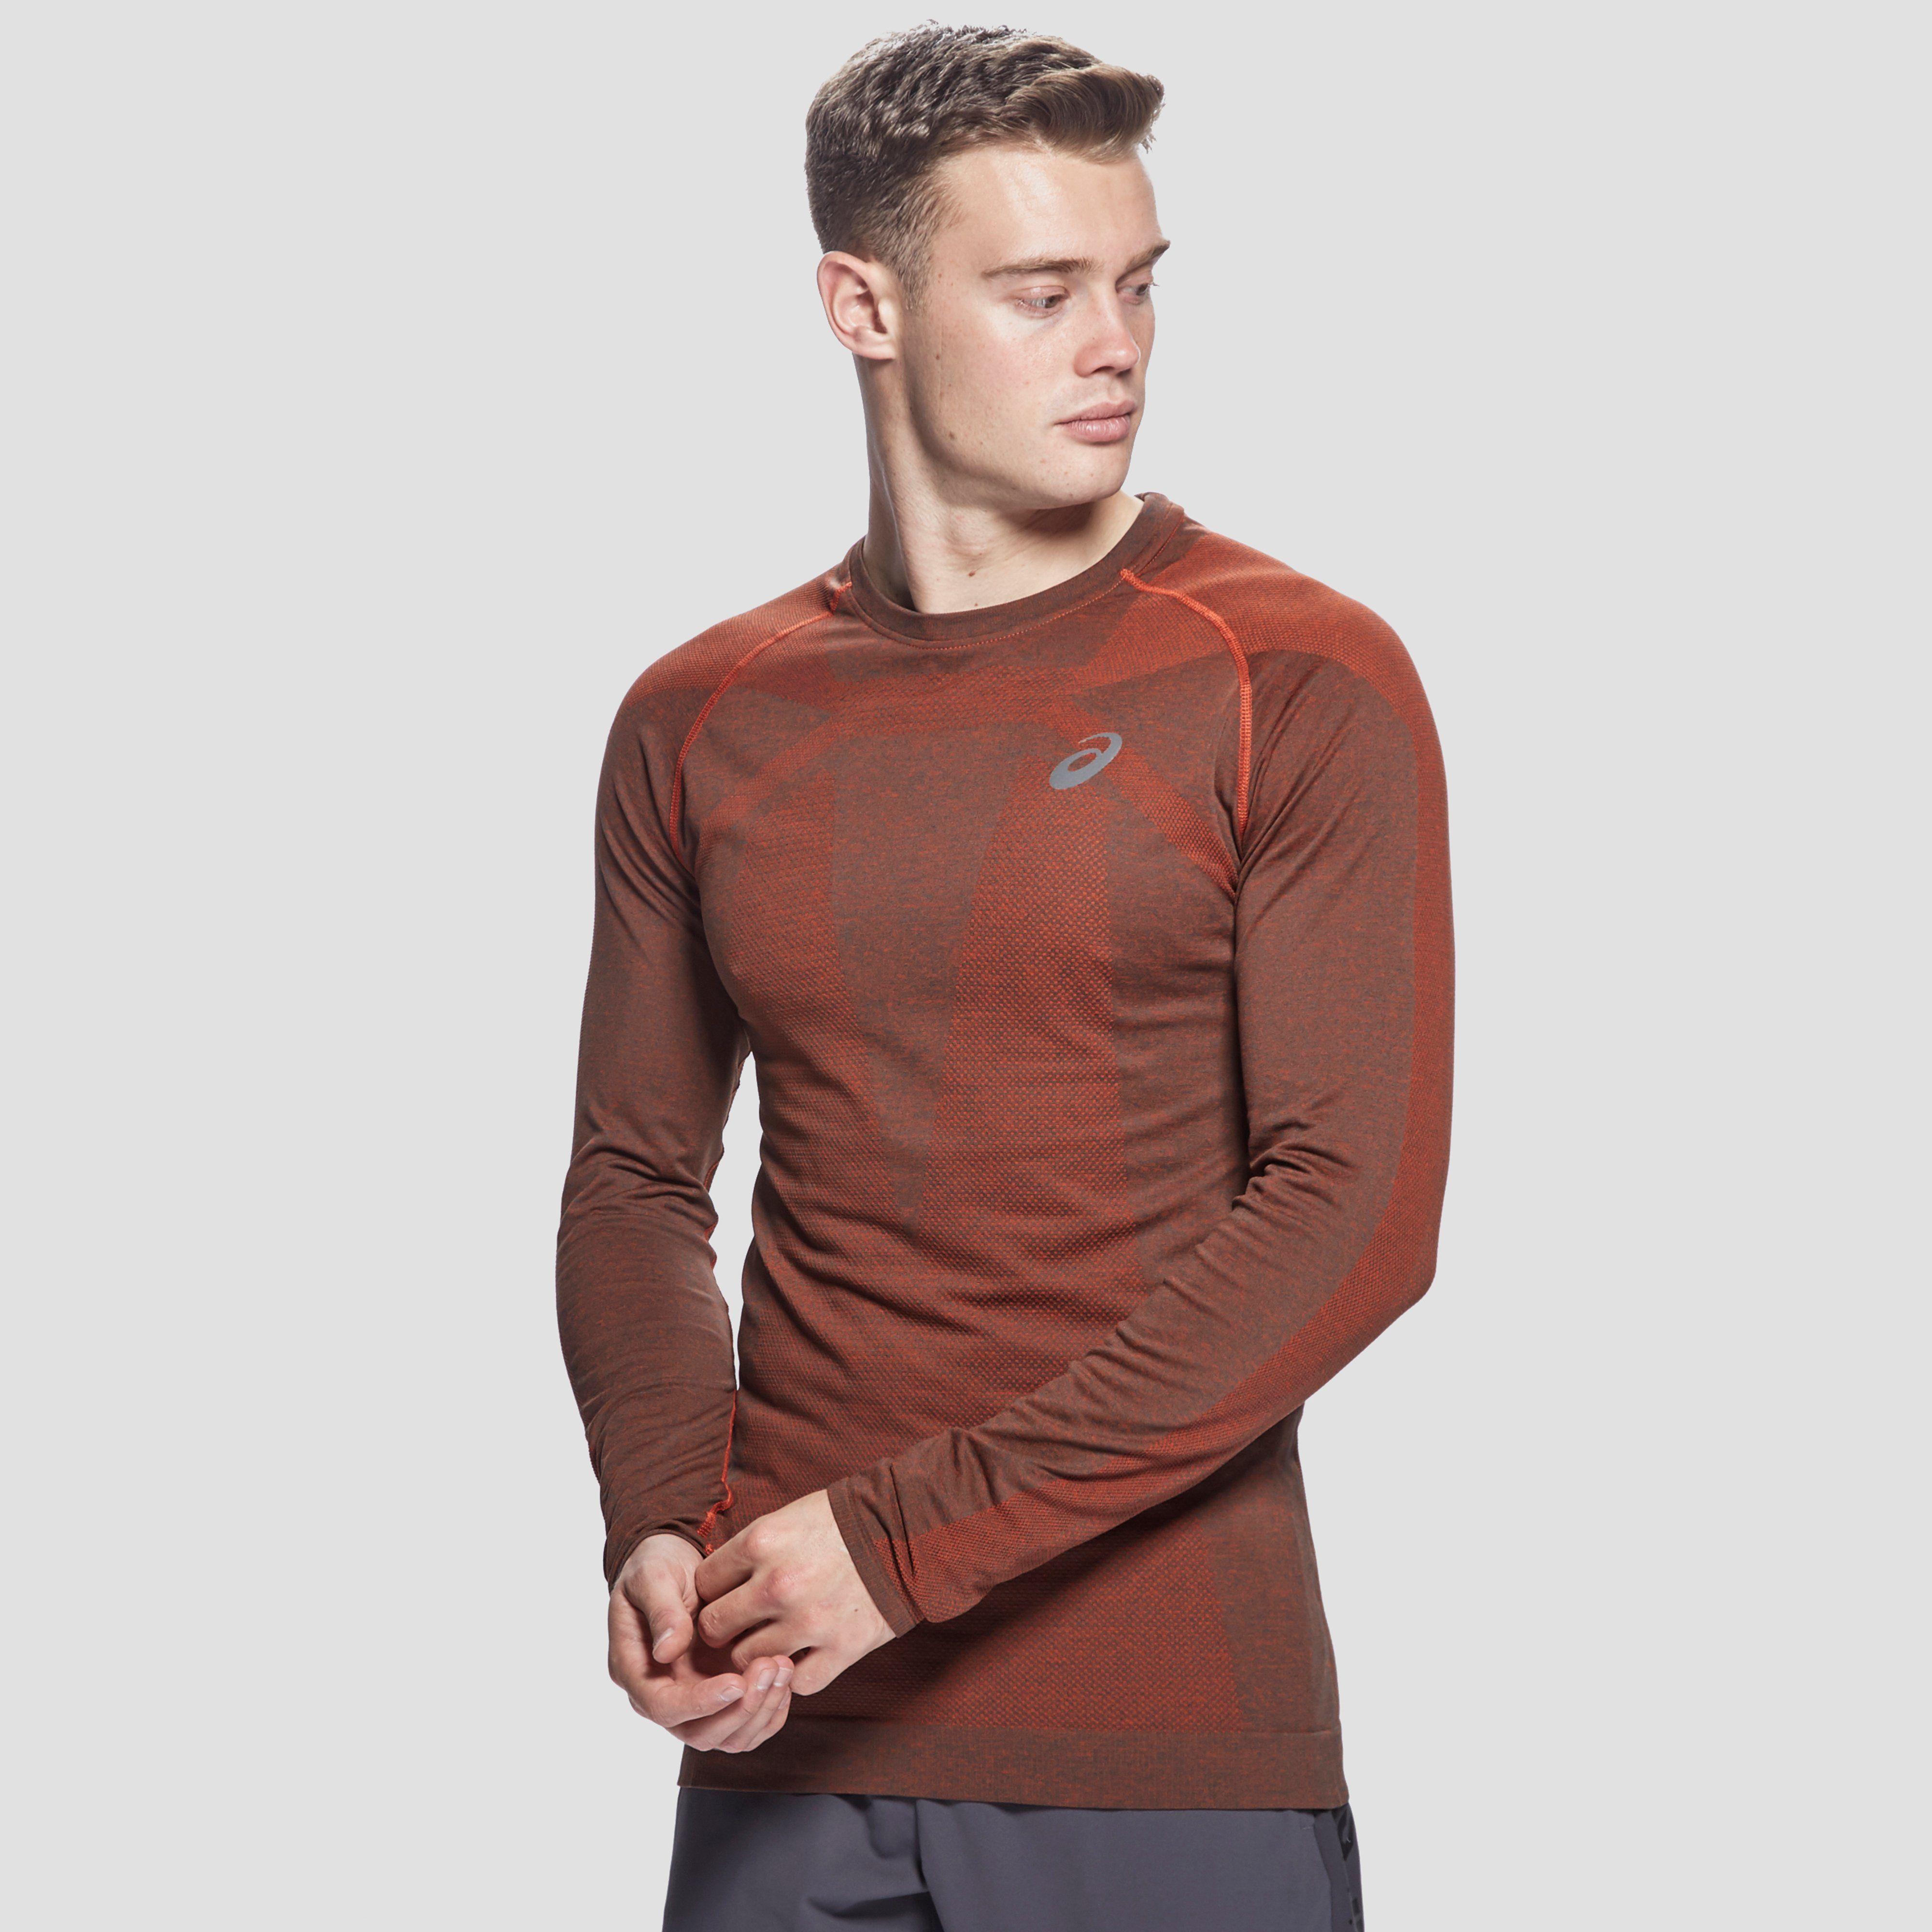 ASICS Men's Long Sleeved Seamless Top